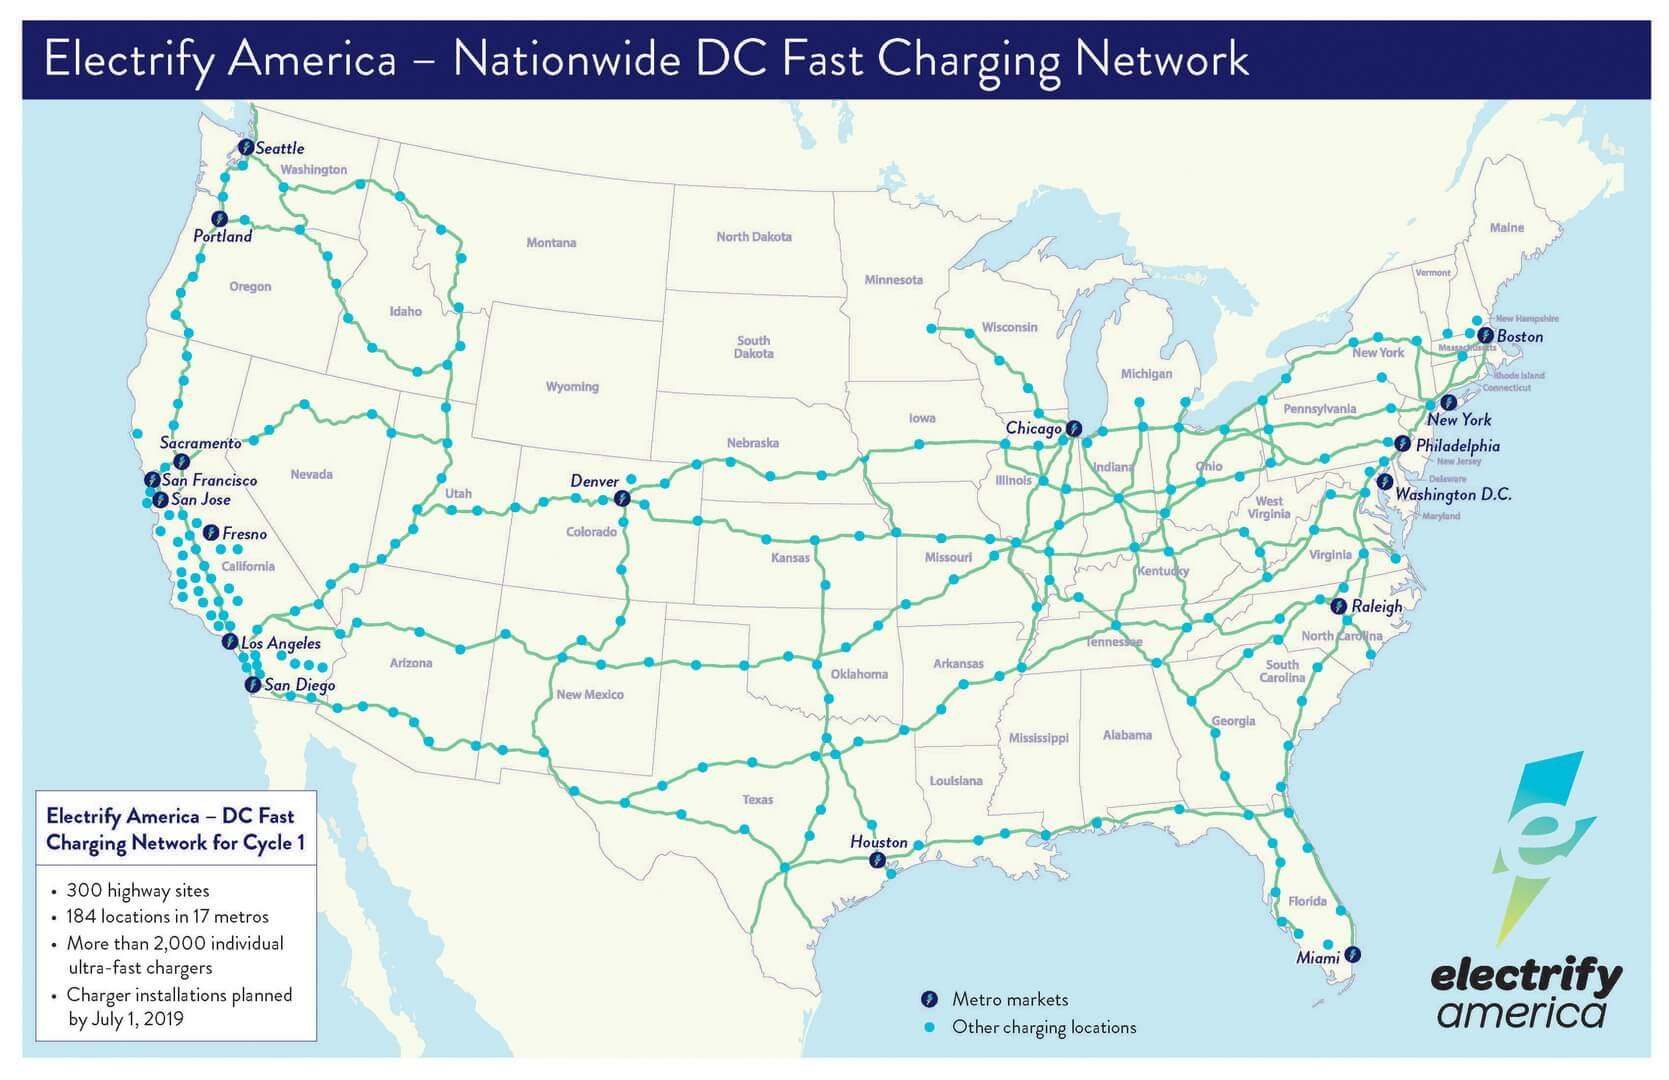 Сеть быстрых зарядных станций Electrify America в США